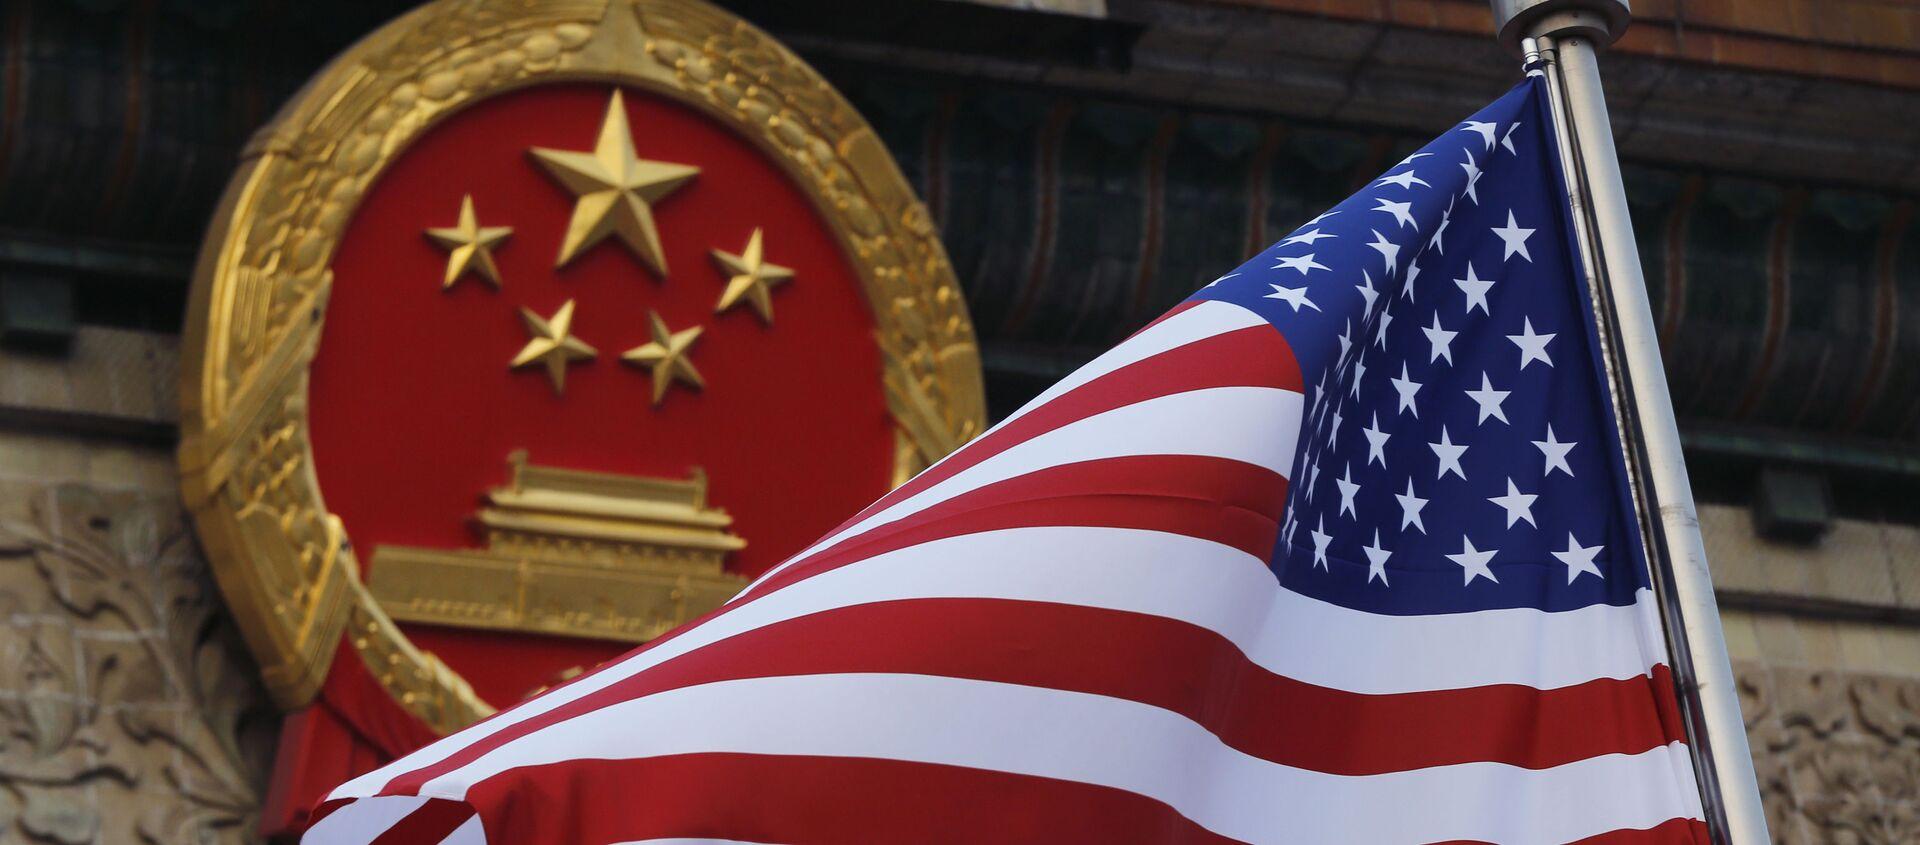 Флаг США на фоне эмблемы Китая в Пекине. Архивное фото - Sputnik Южная Осетия, 1920, 30.03.2021